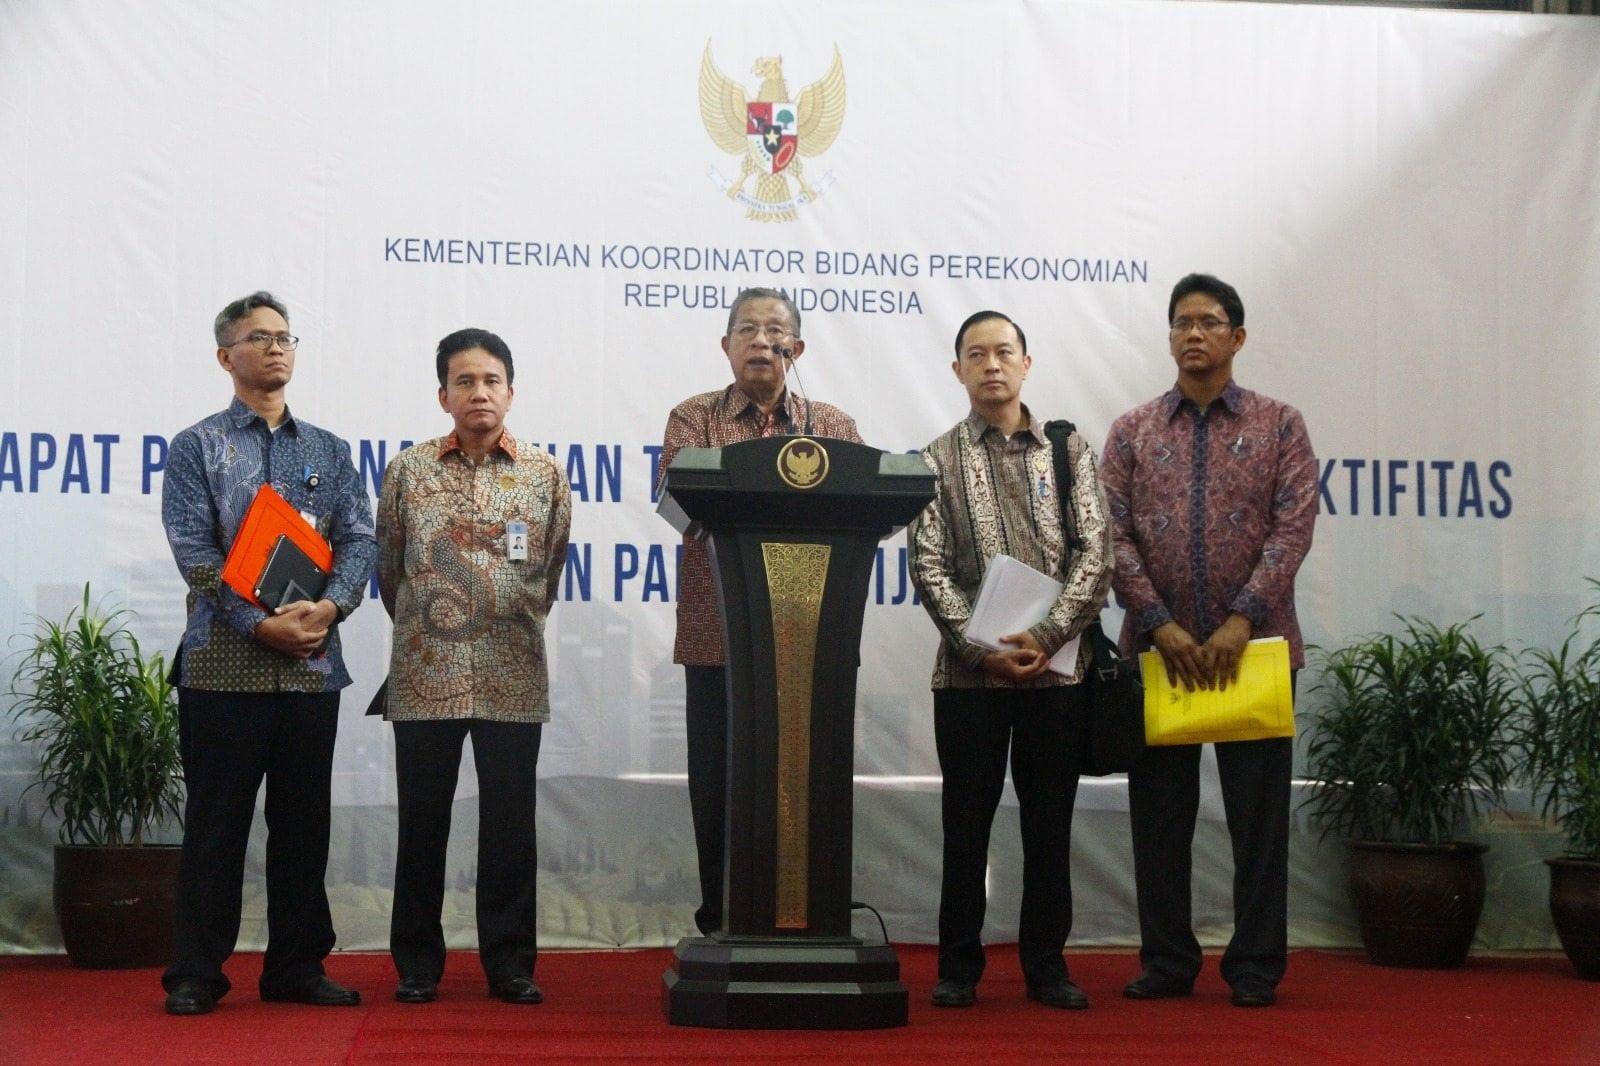 Wakil Presiden Meresmikan Satgas Percepatan dan Efektivitas Pelaksanaan Kebijakan Ekonomi